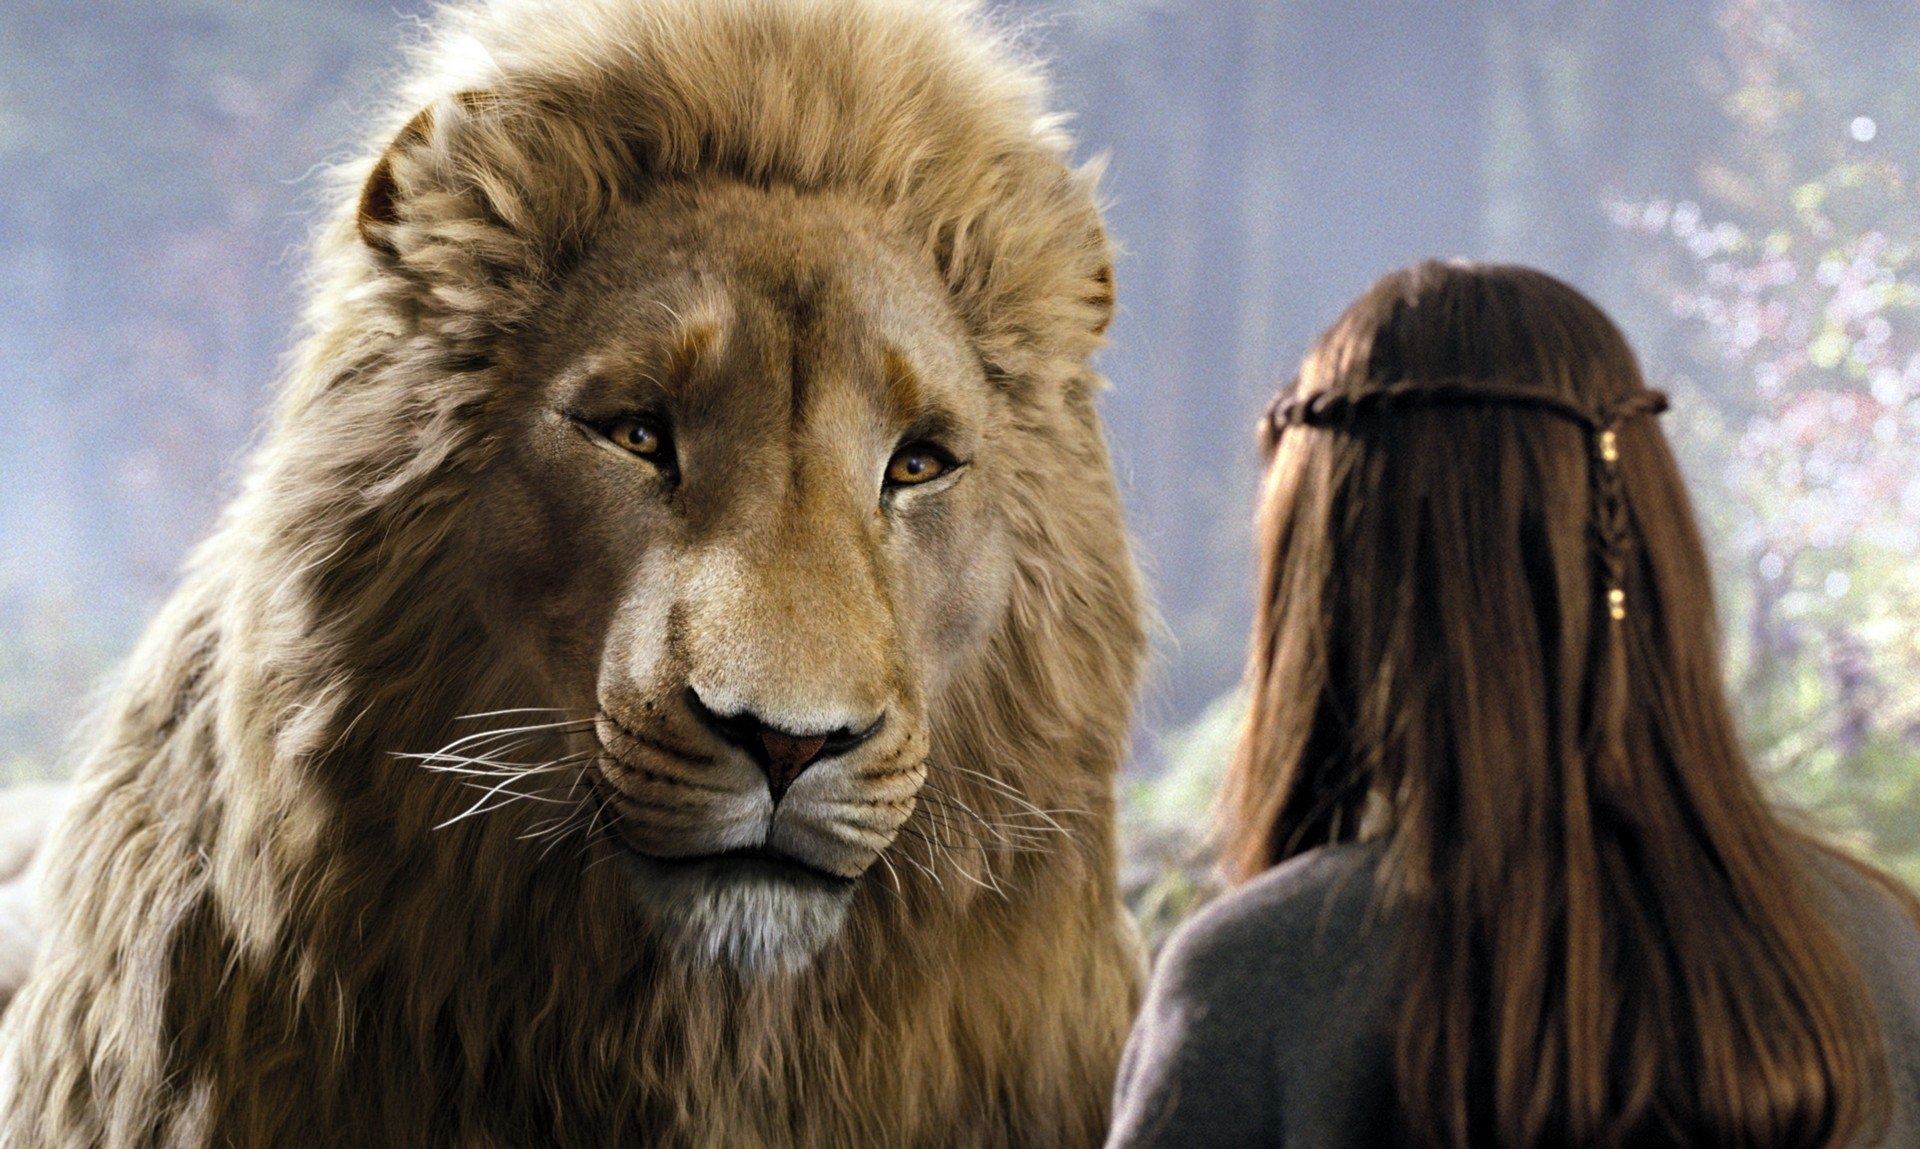 лев аслан из нарнии картинки этом